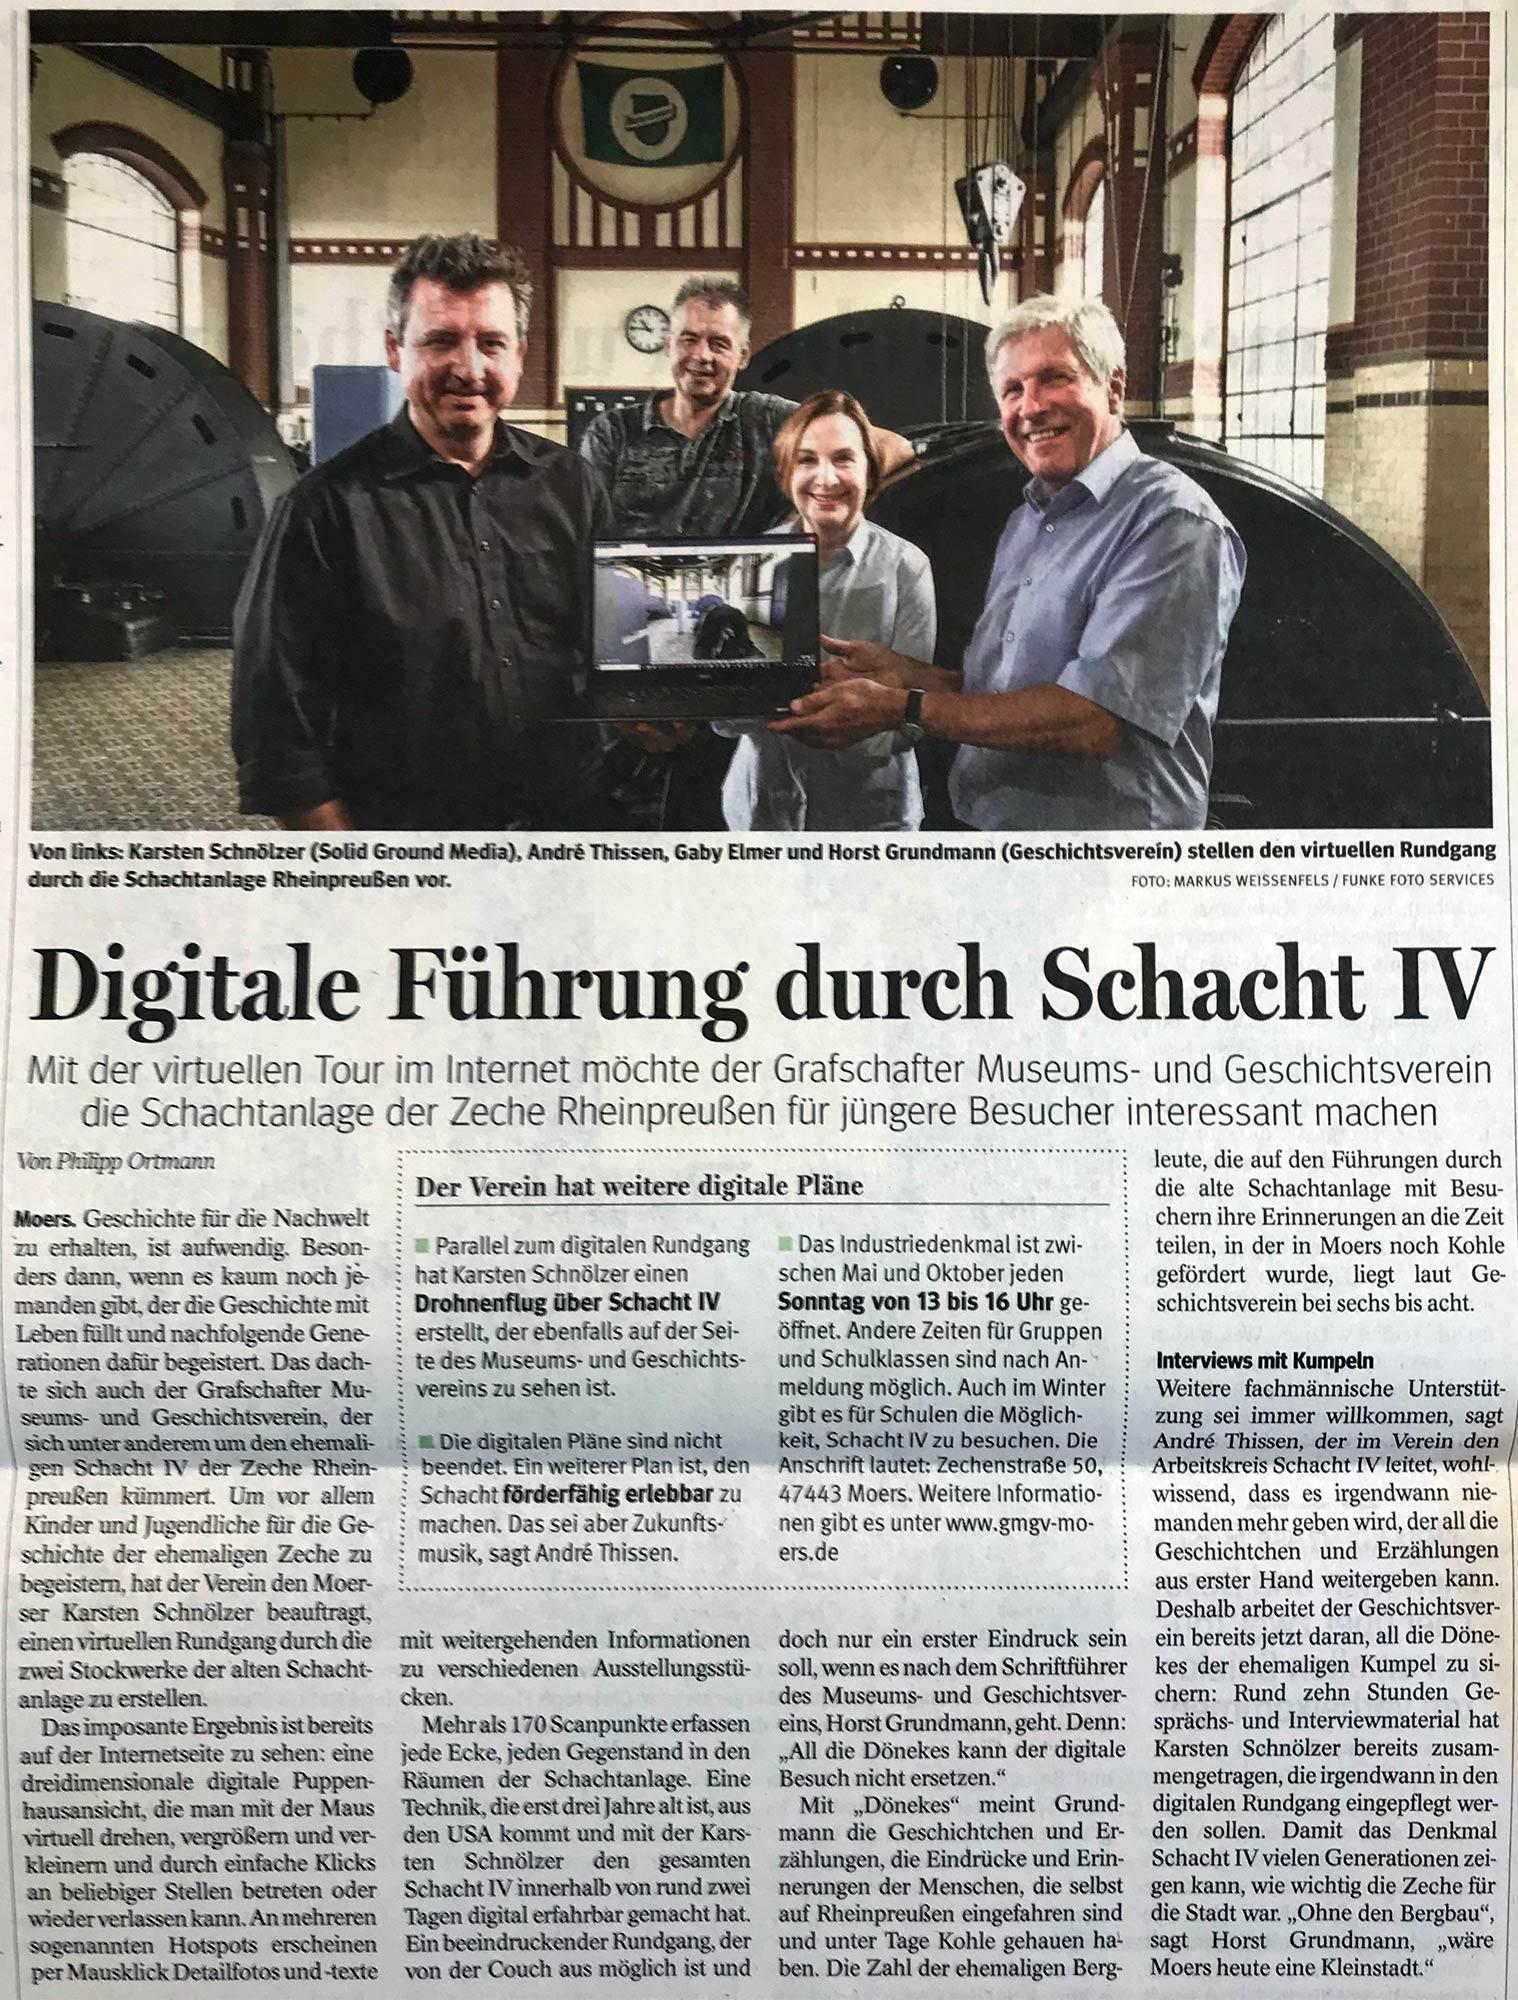 NRZ Presseartikel Schacht IV